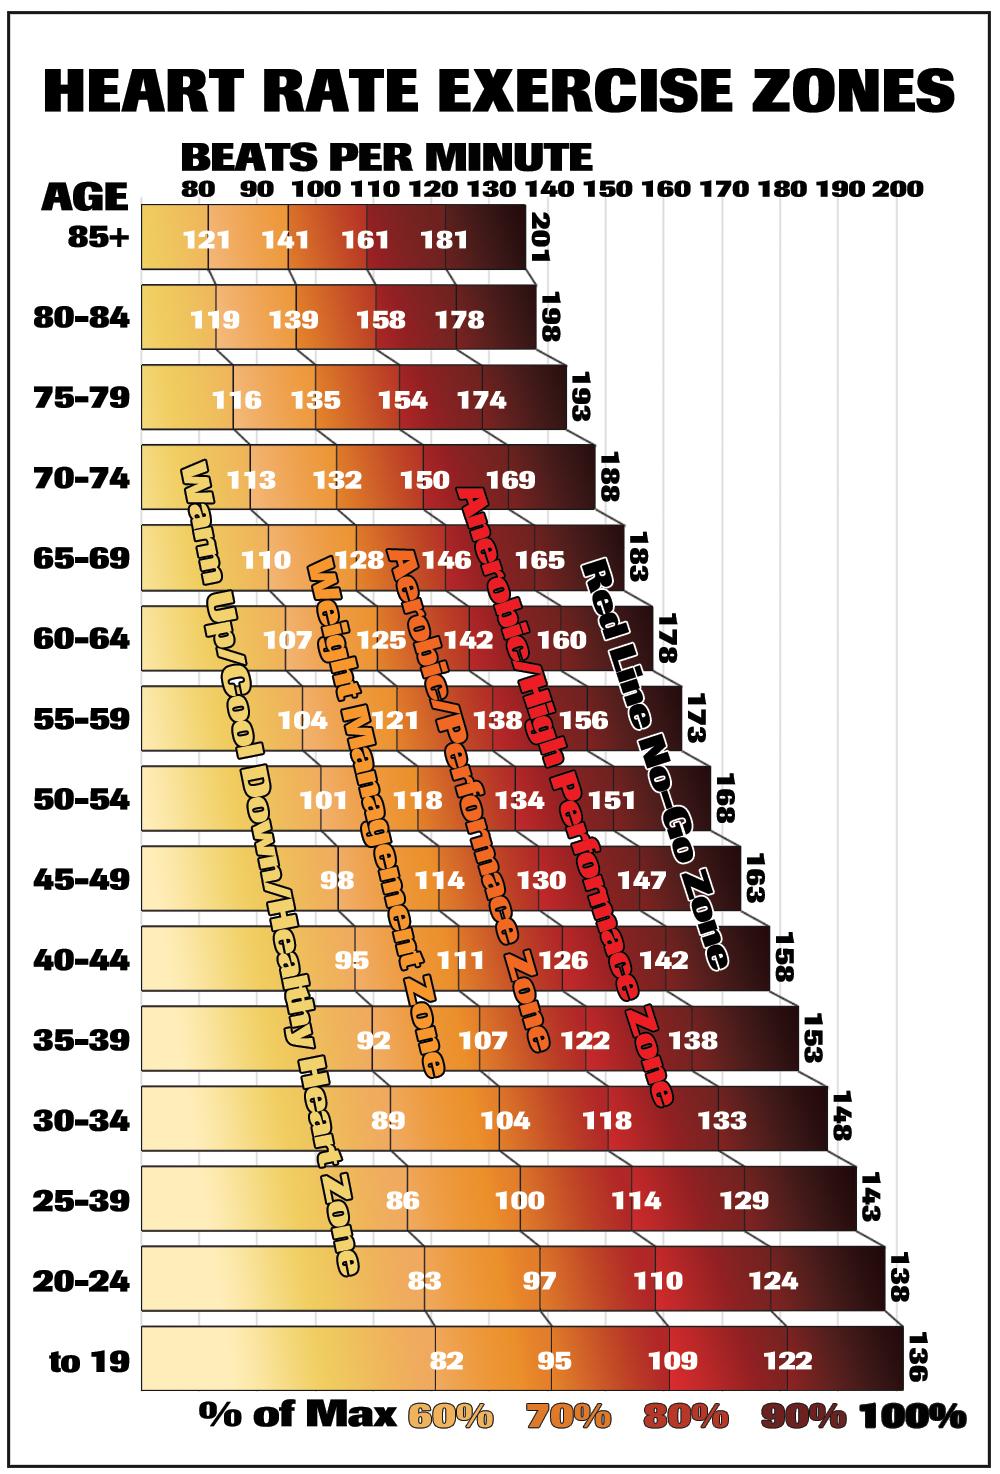 Beats per minute.jpg